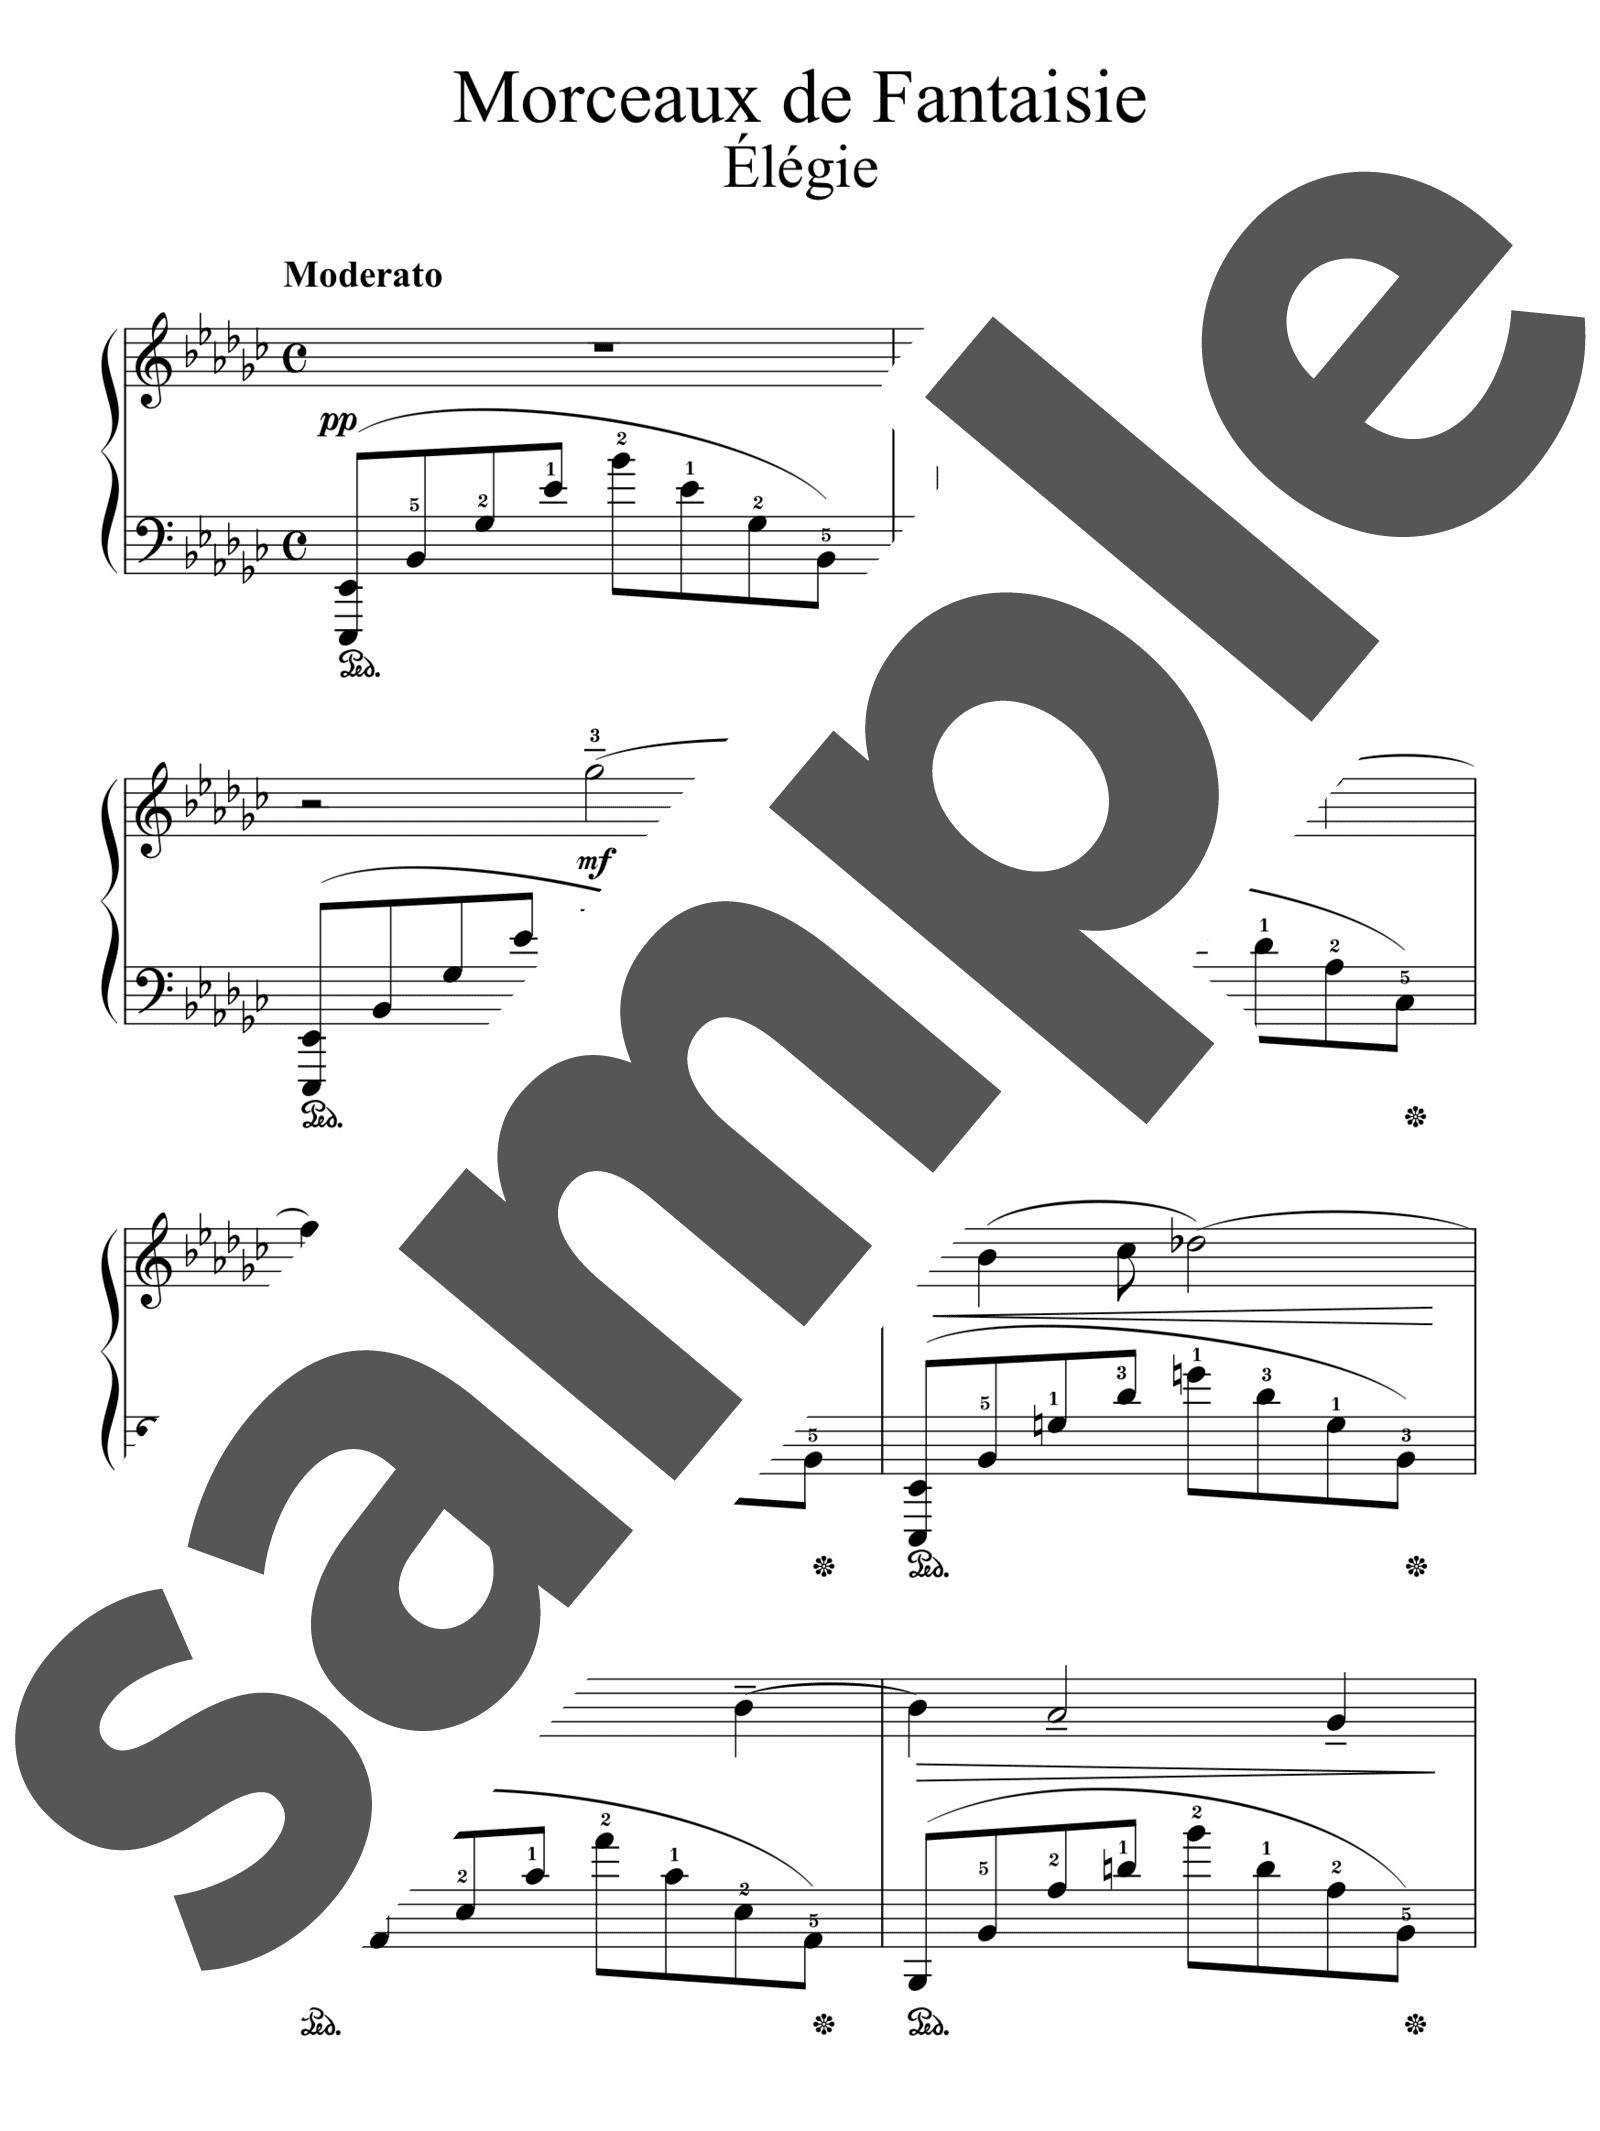 「幻想的小品集より第1番 悲歌(エレジー)」のサンプル楽譜